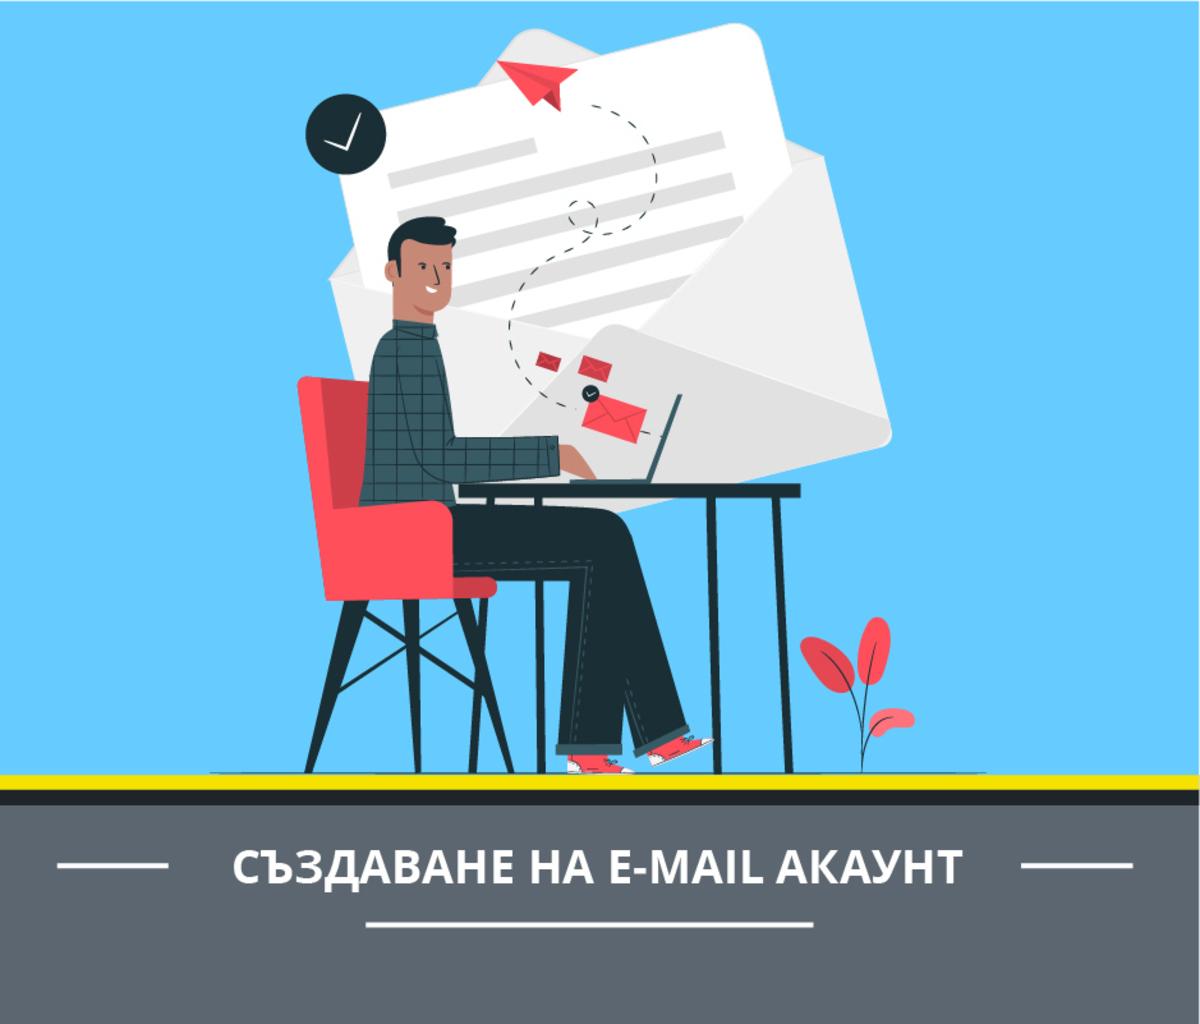 Създаване на собствен имейл